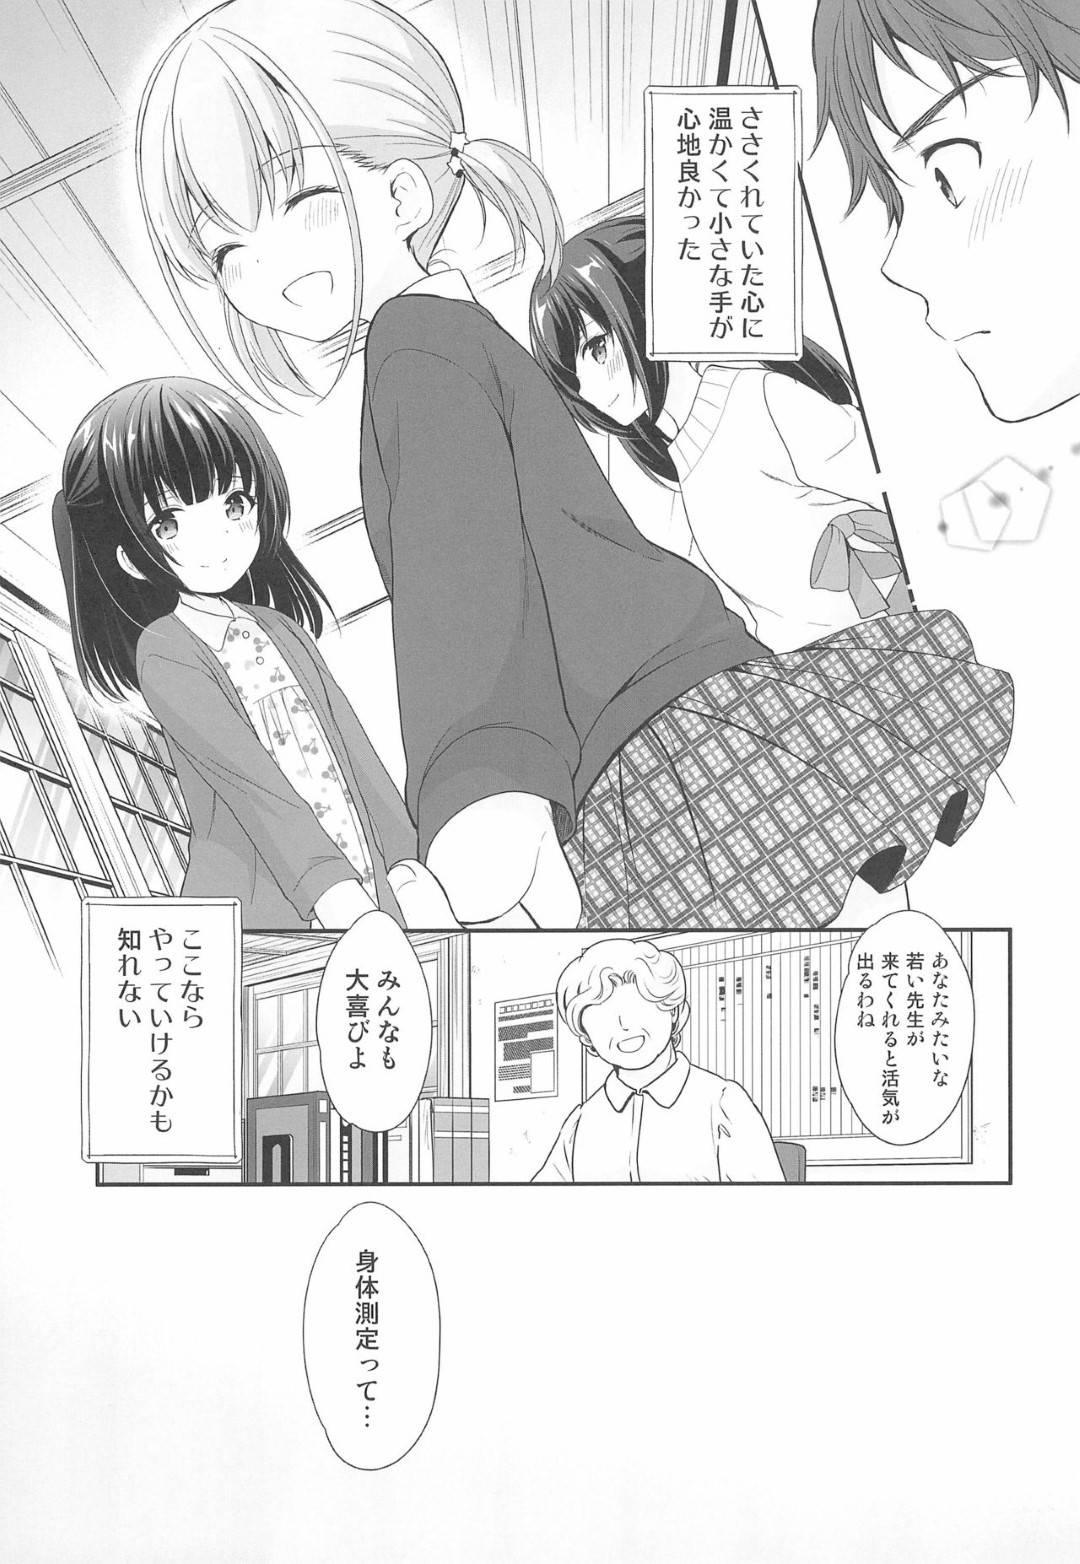 【JSエロ漫画】都会から赴任してきた先生は、身体測定でJSの体を見て勃起。更にJSに密着されると濡れてる事に気付き中出しセックスで処女喪失させる【あずまゆき】